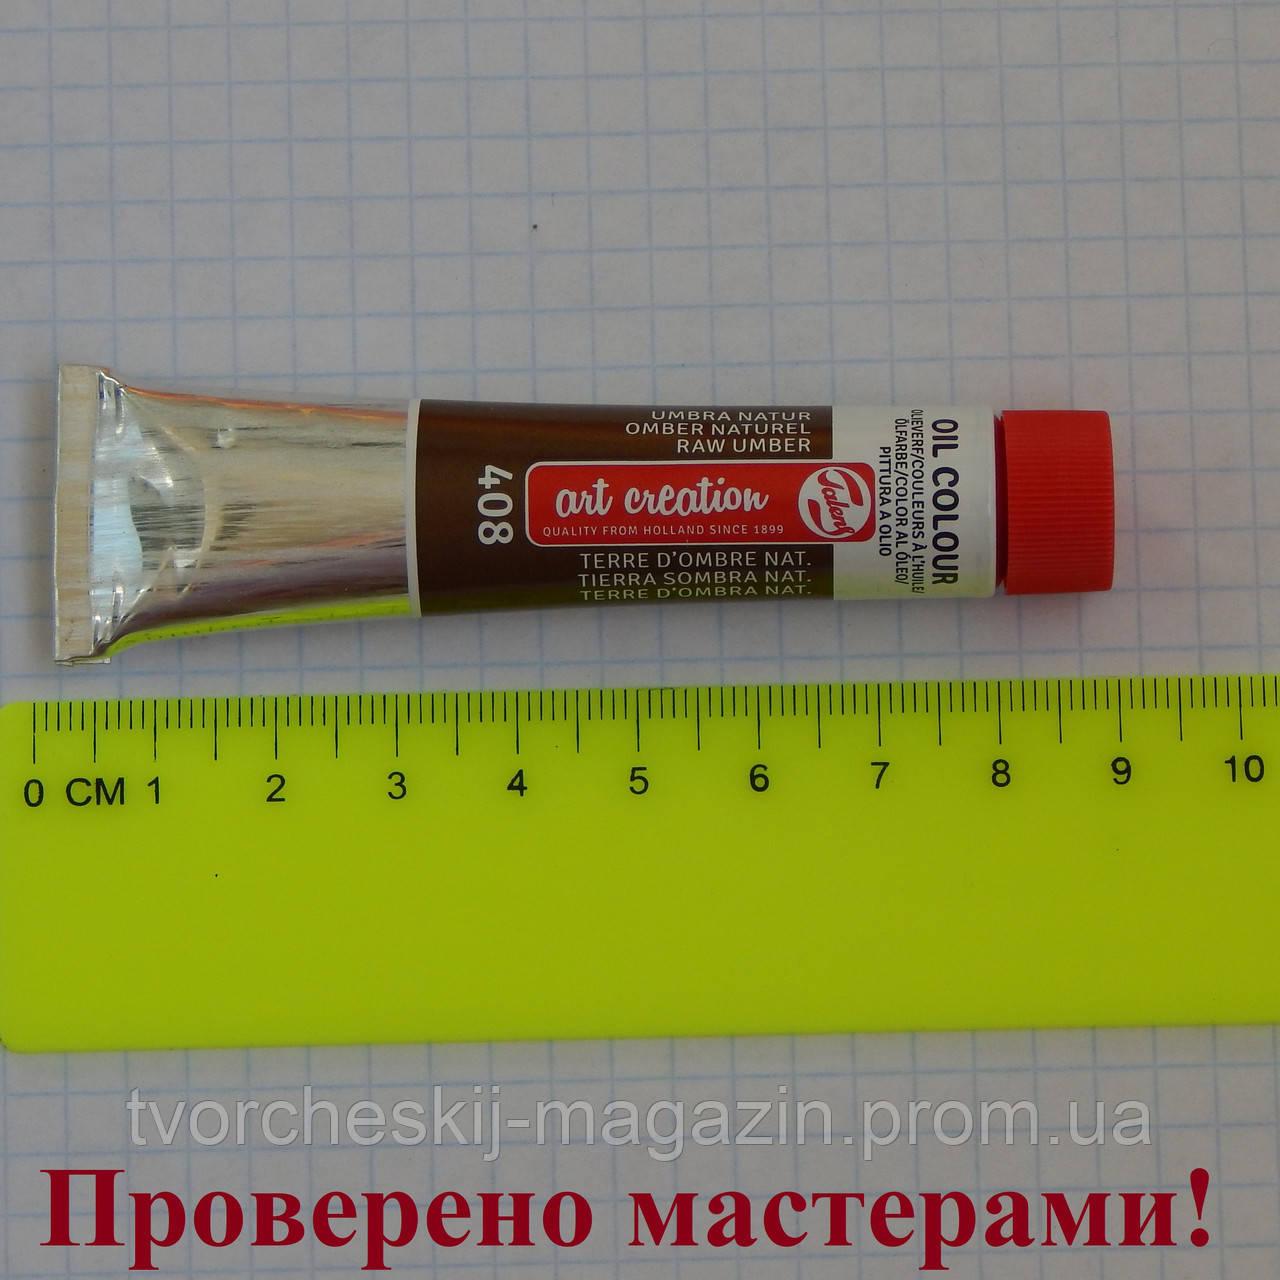 Краска масляная ArtCreation (408) Умбра натуральная, 12мл